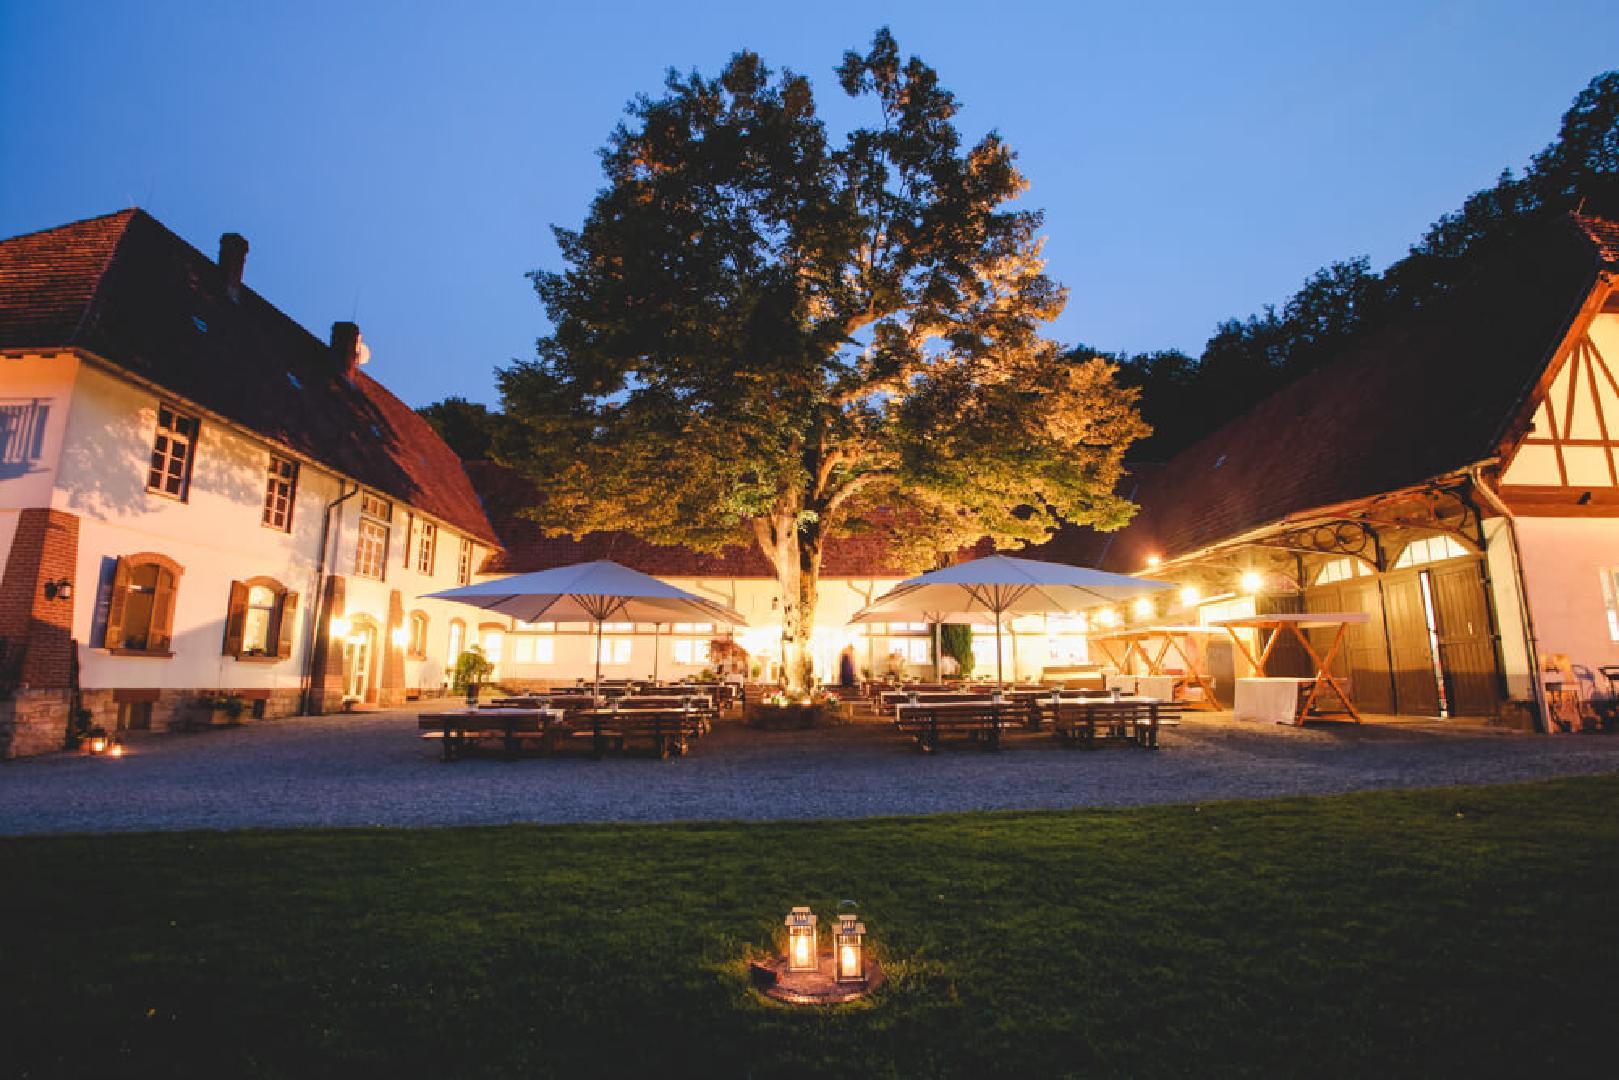 Bild 2 von Tagen-im-Hofgut-Lilienhof